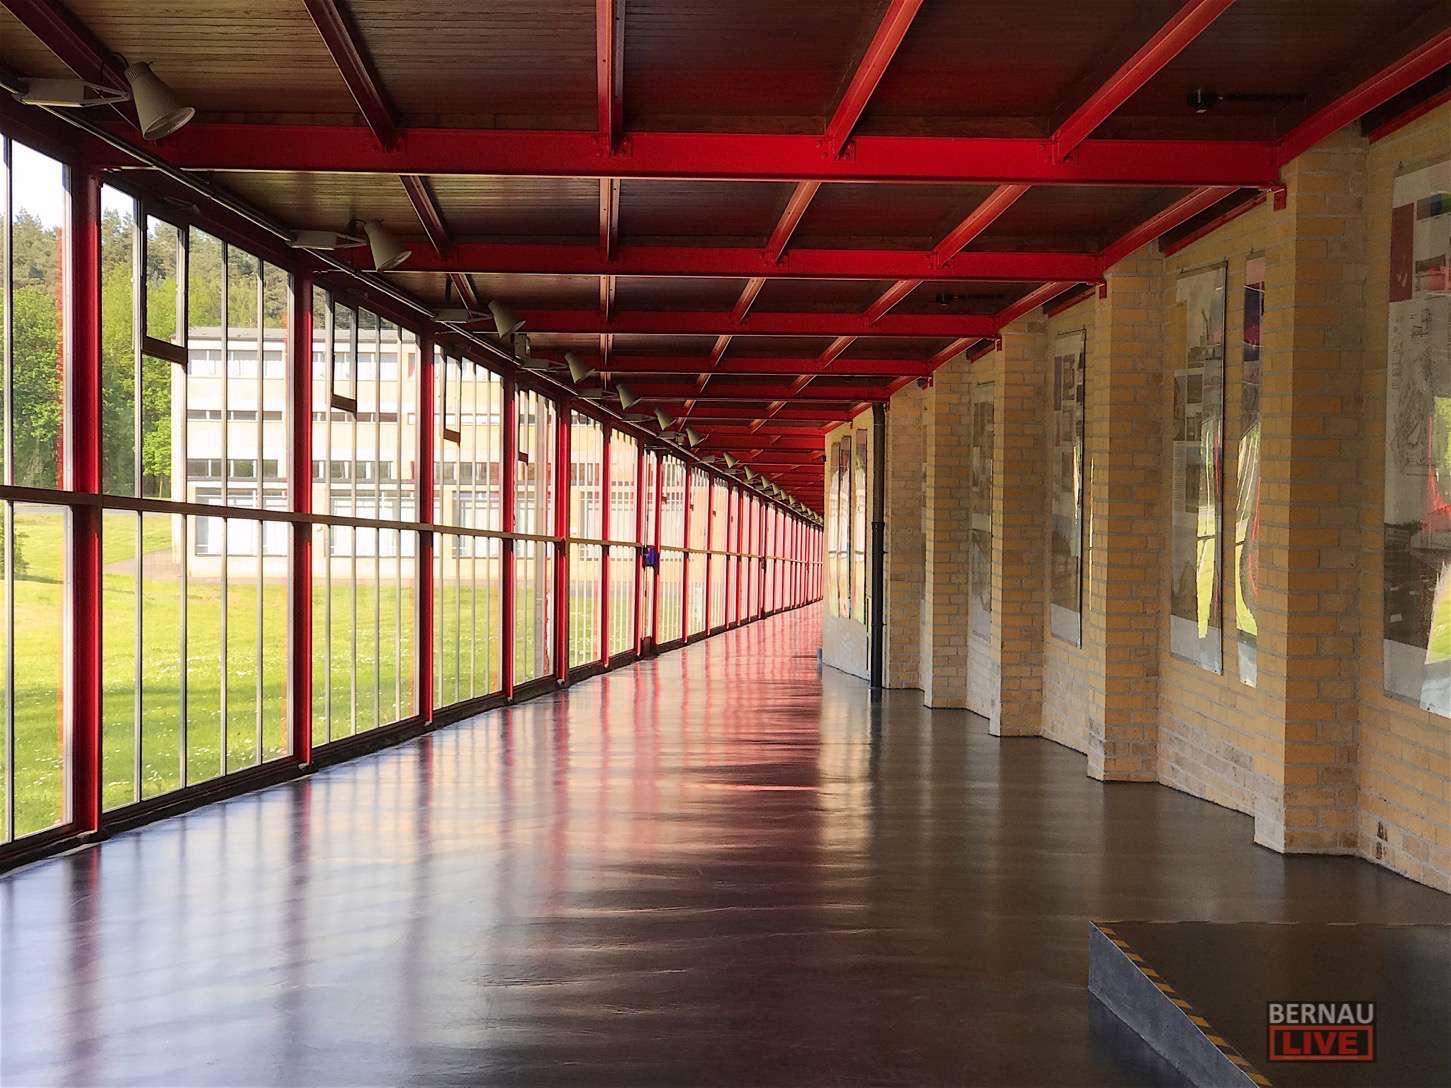 Vortrag über die Erweiterungsbauten der Bundesschule Bernau